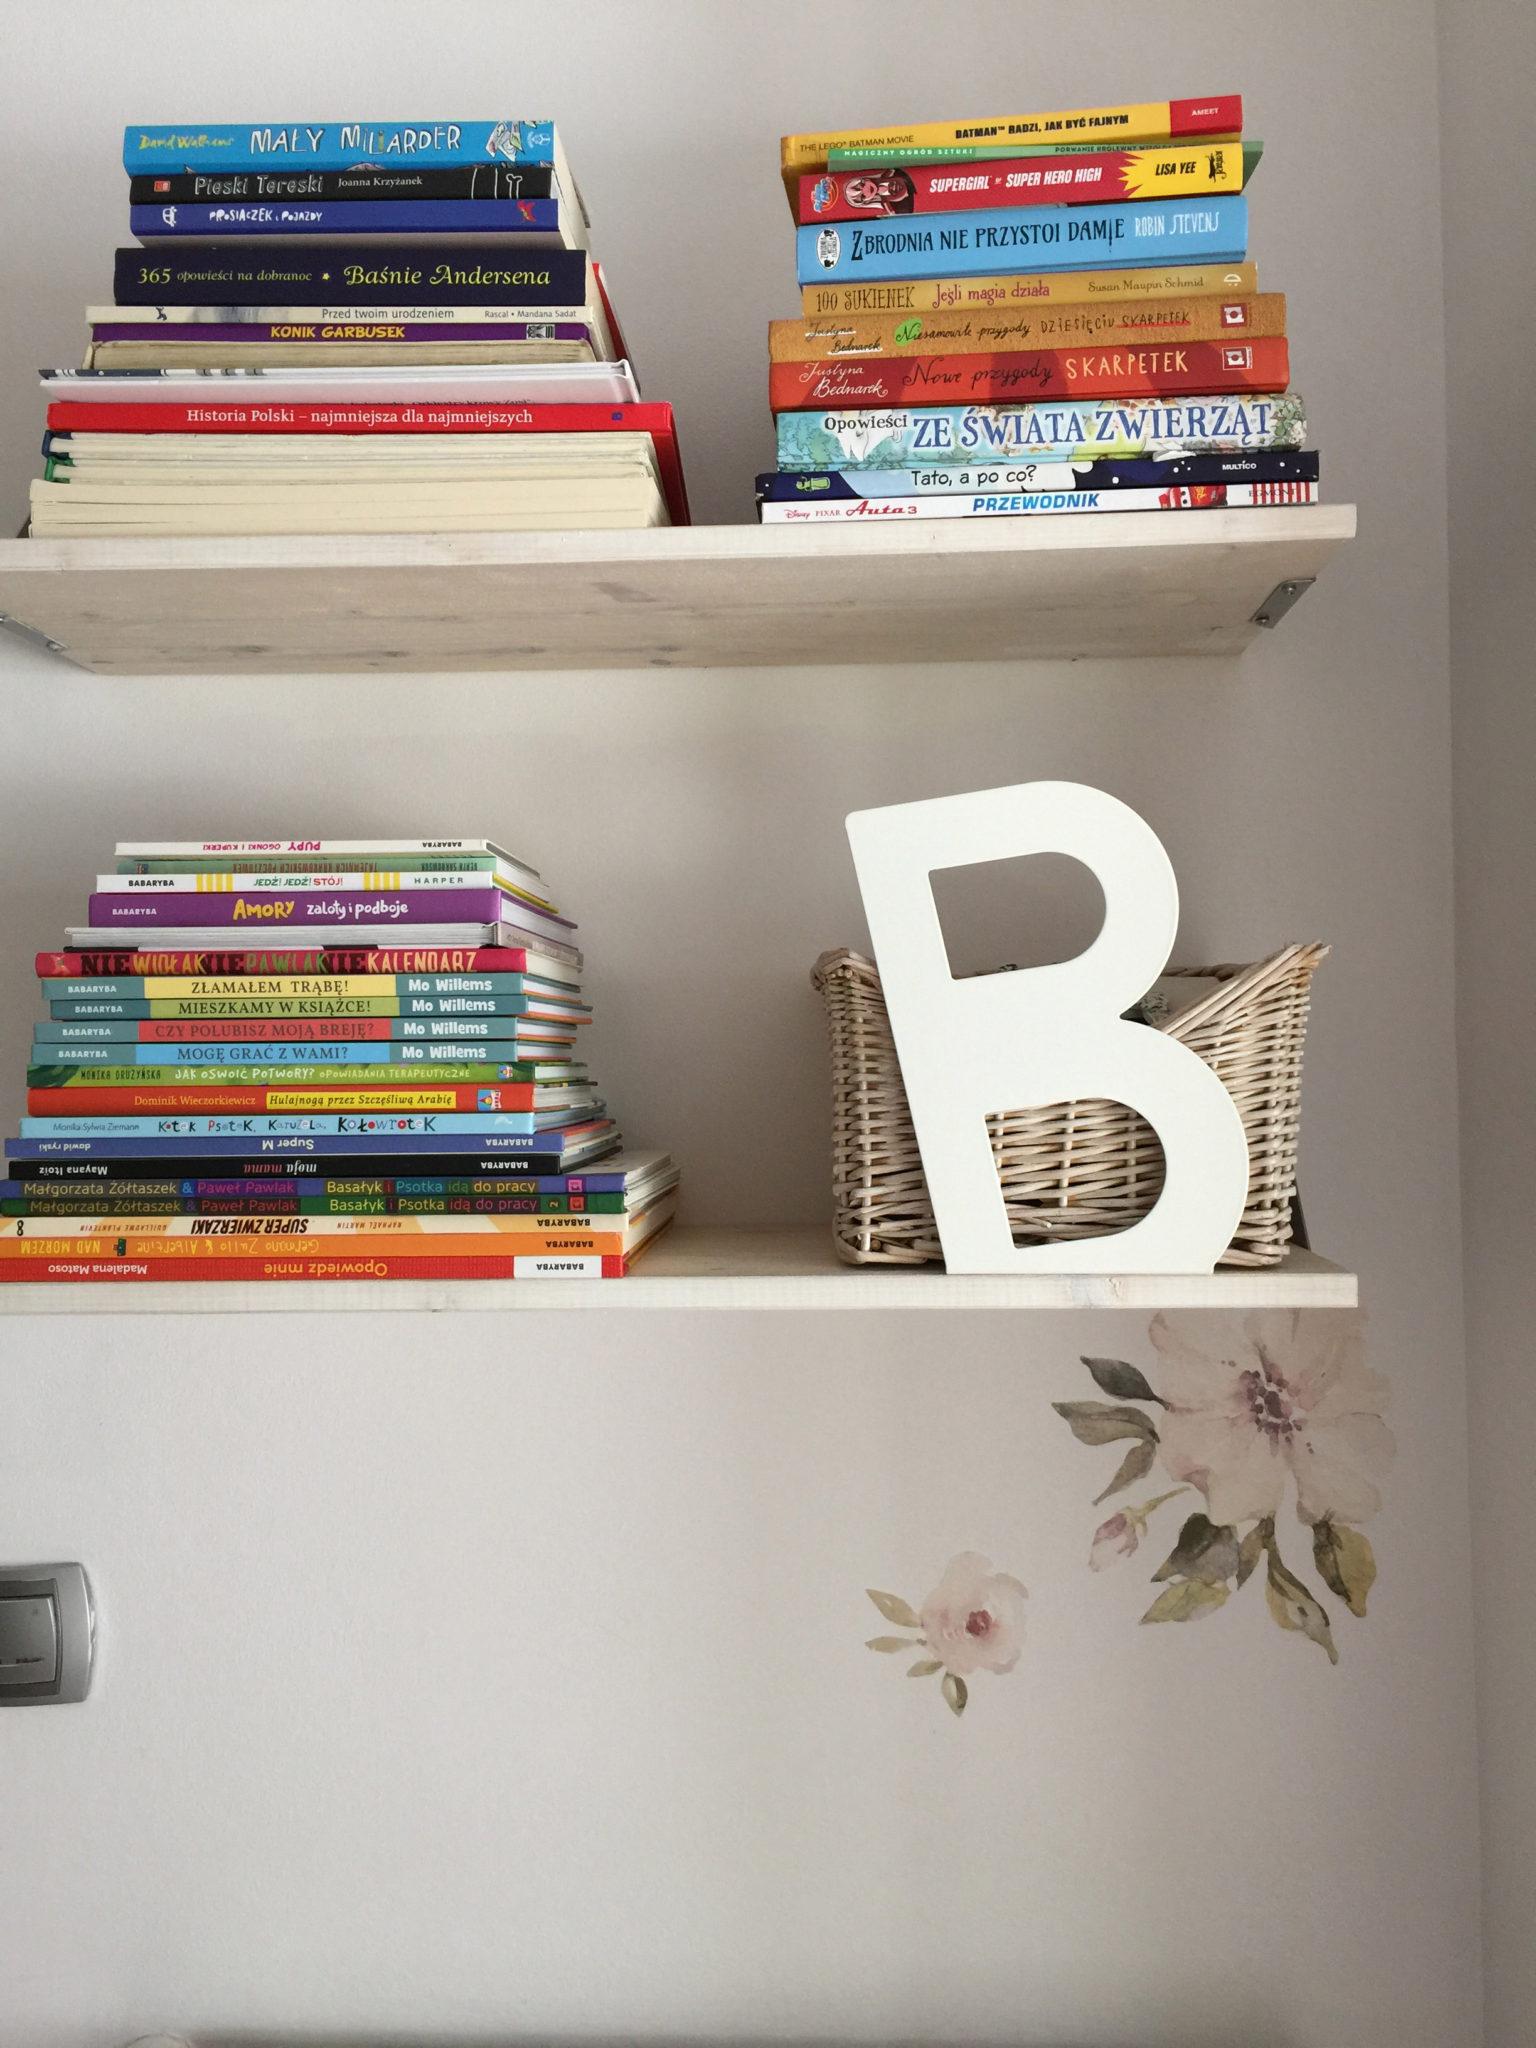 Kliknij w zdjęcie, żeby przejść do literki B